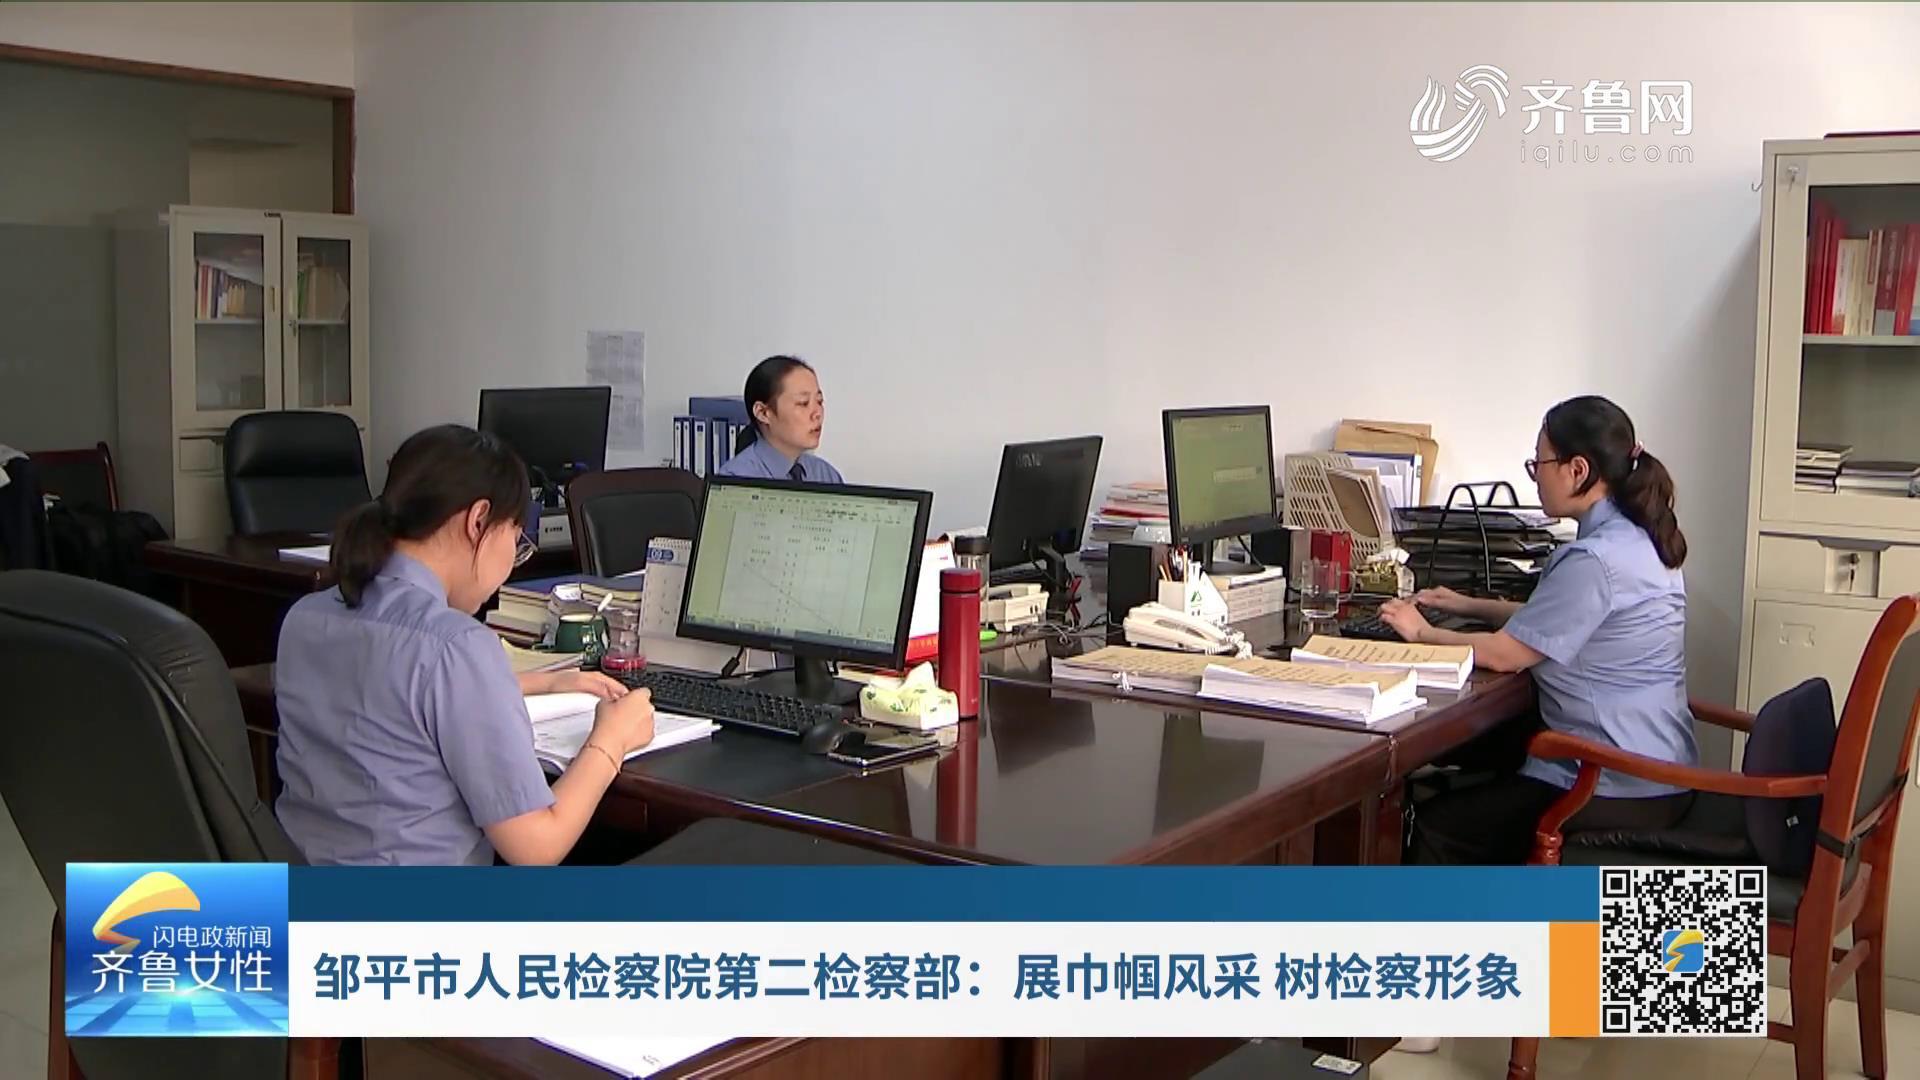 邹平市人民检察院第二检察部: 展巾帼风采 树检察形象